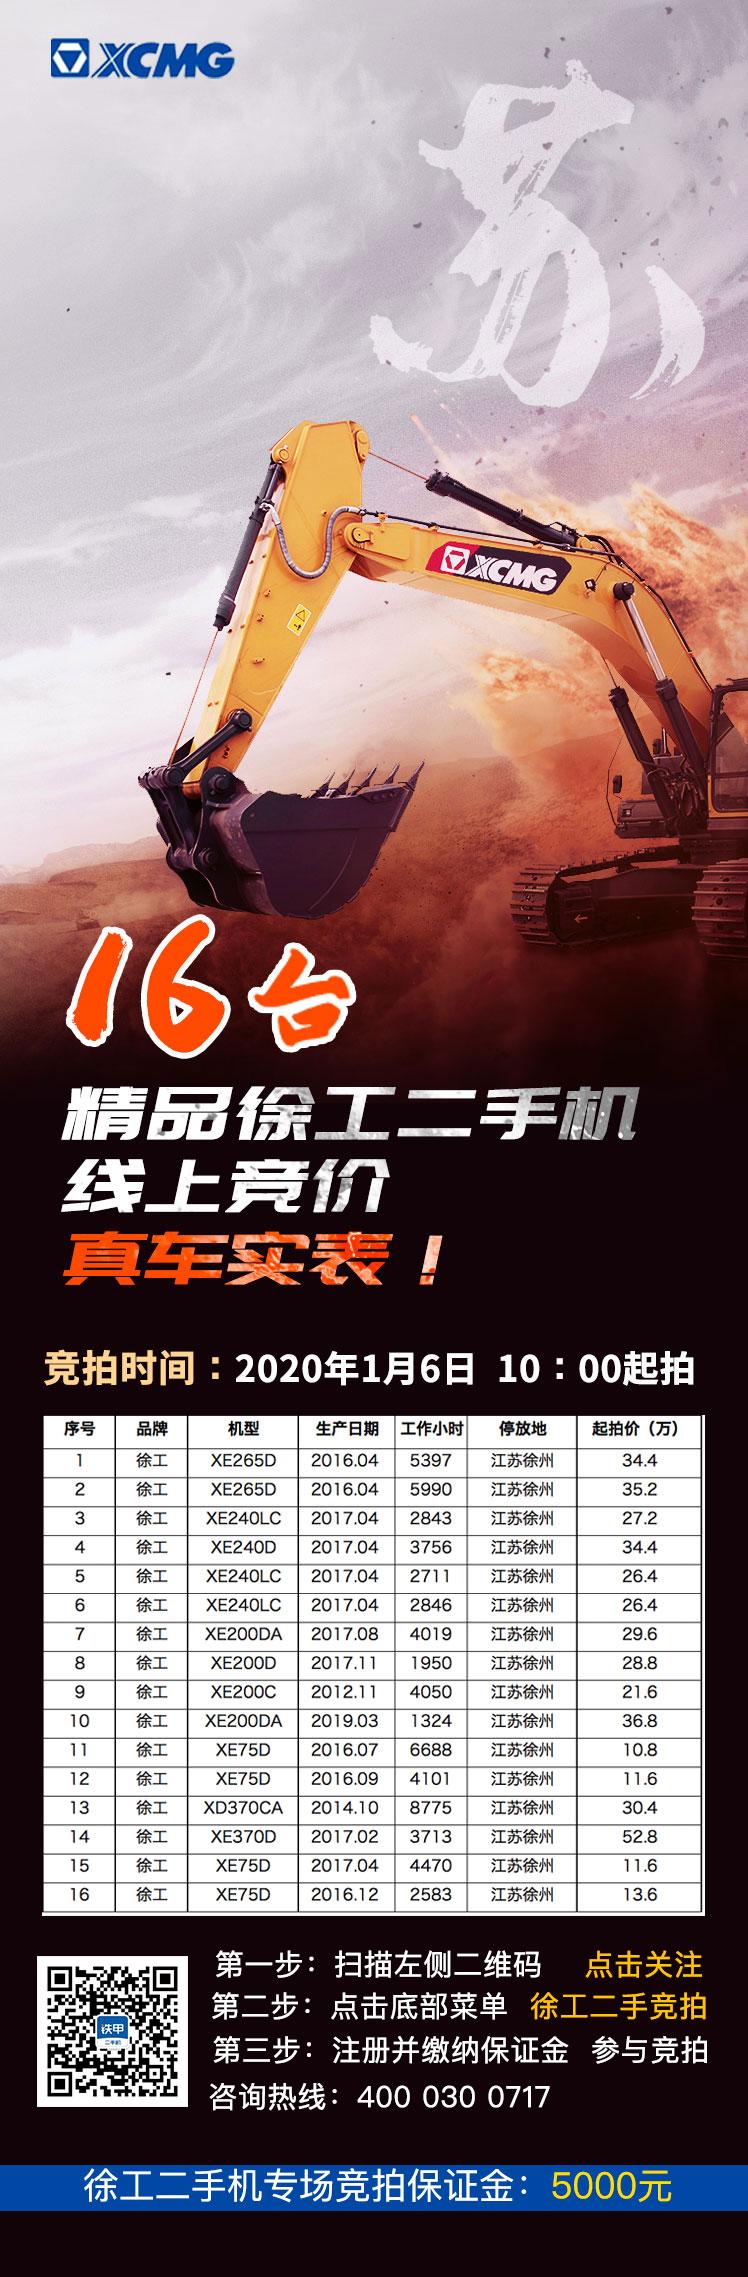 真车实表!2019徐工XE200DA挖机36.8万起拍!